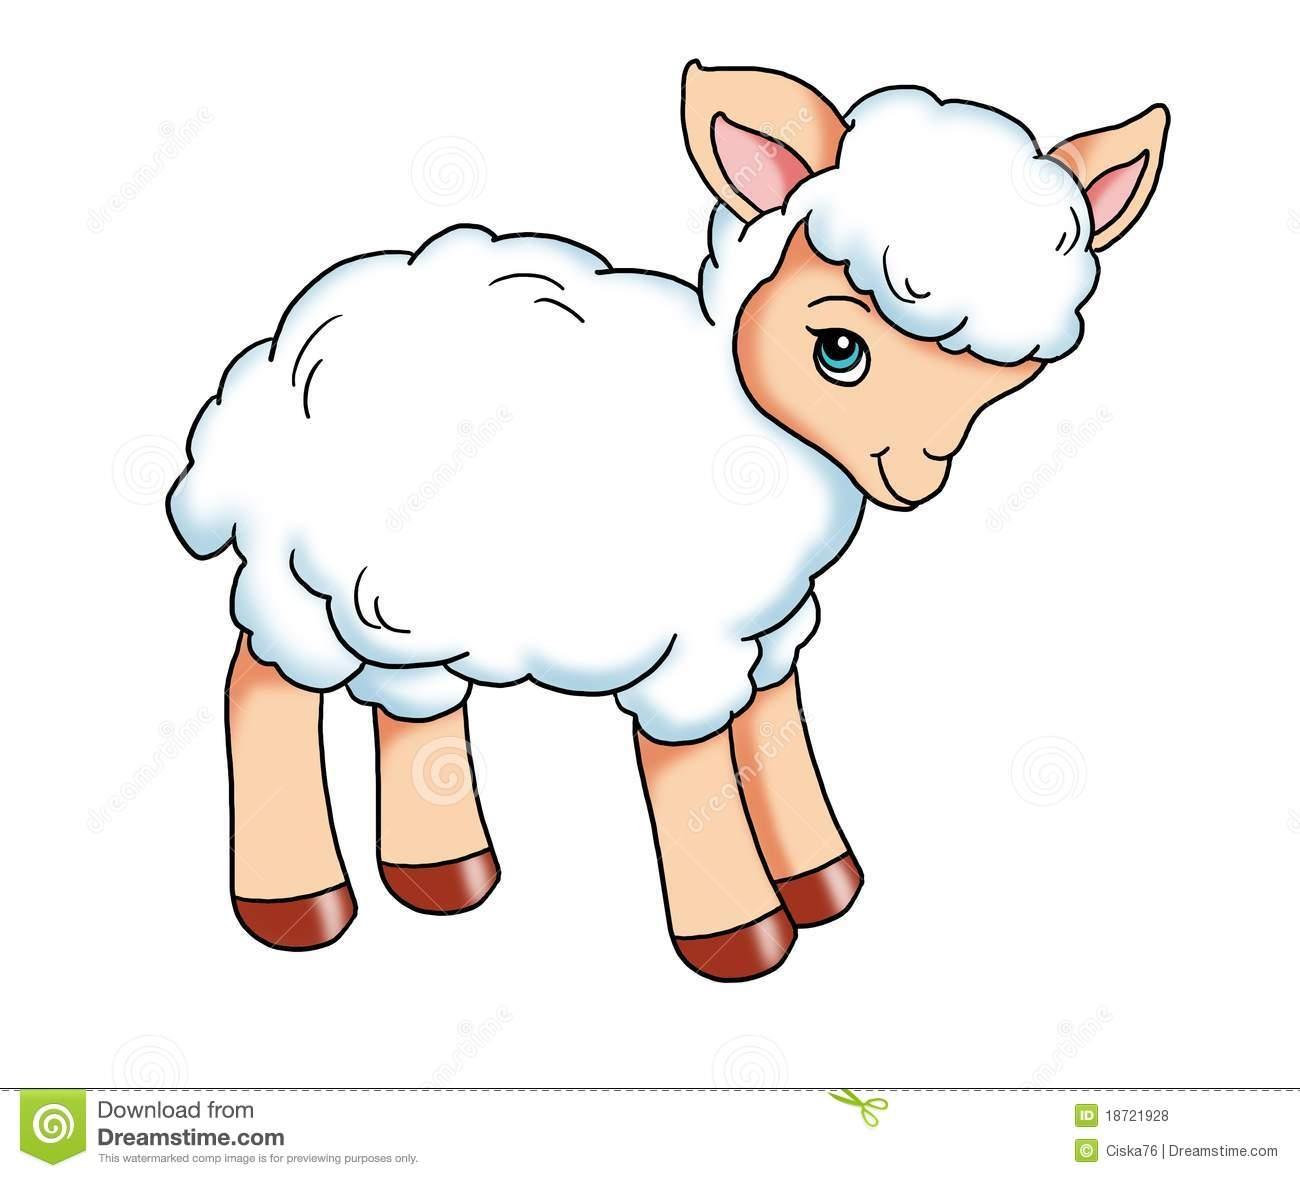 Legz clipart lamb Cute Clip Lamb Download Art